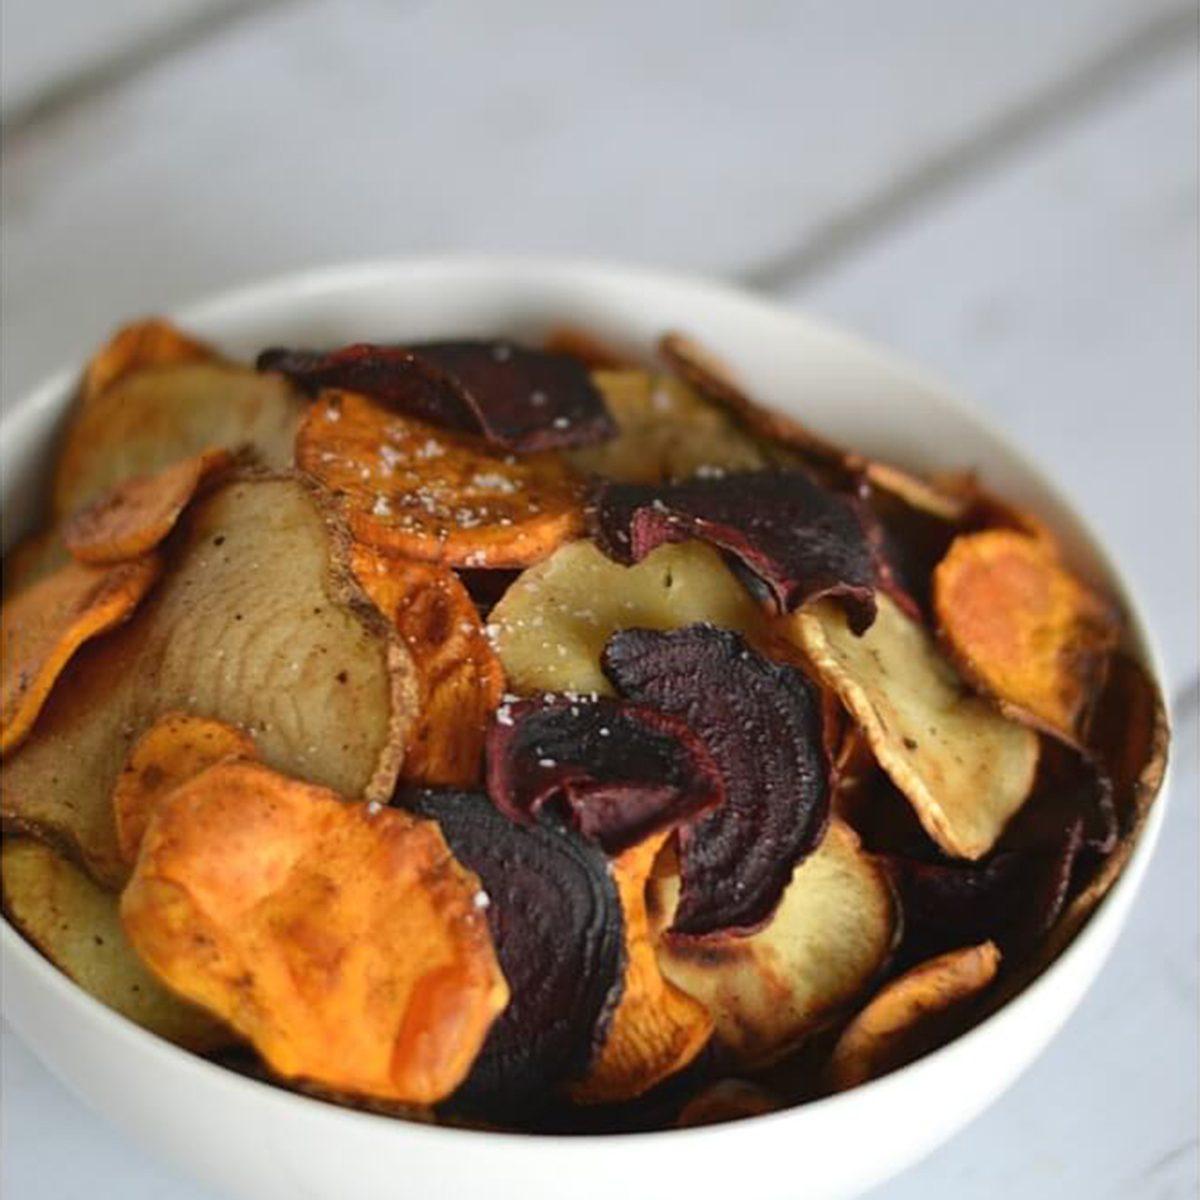 Homemade terra chips